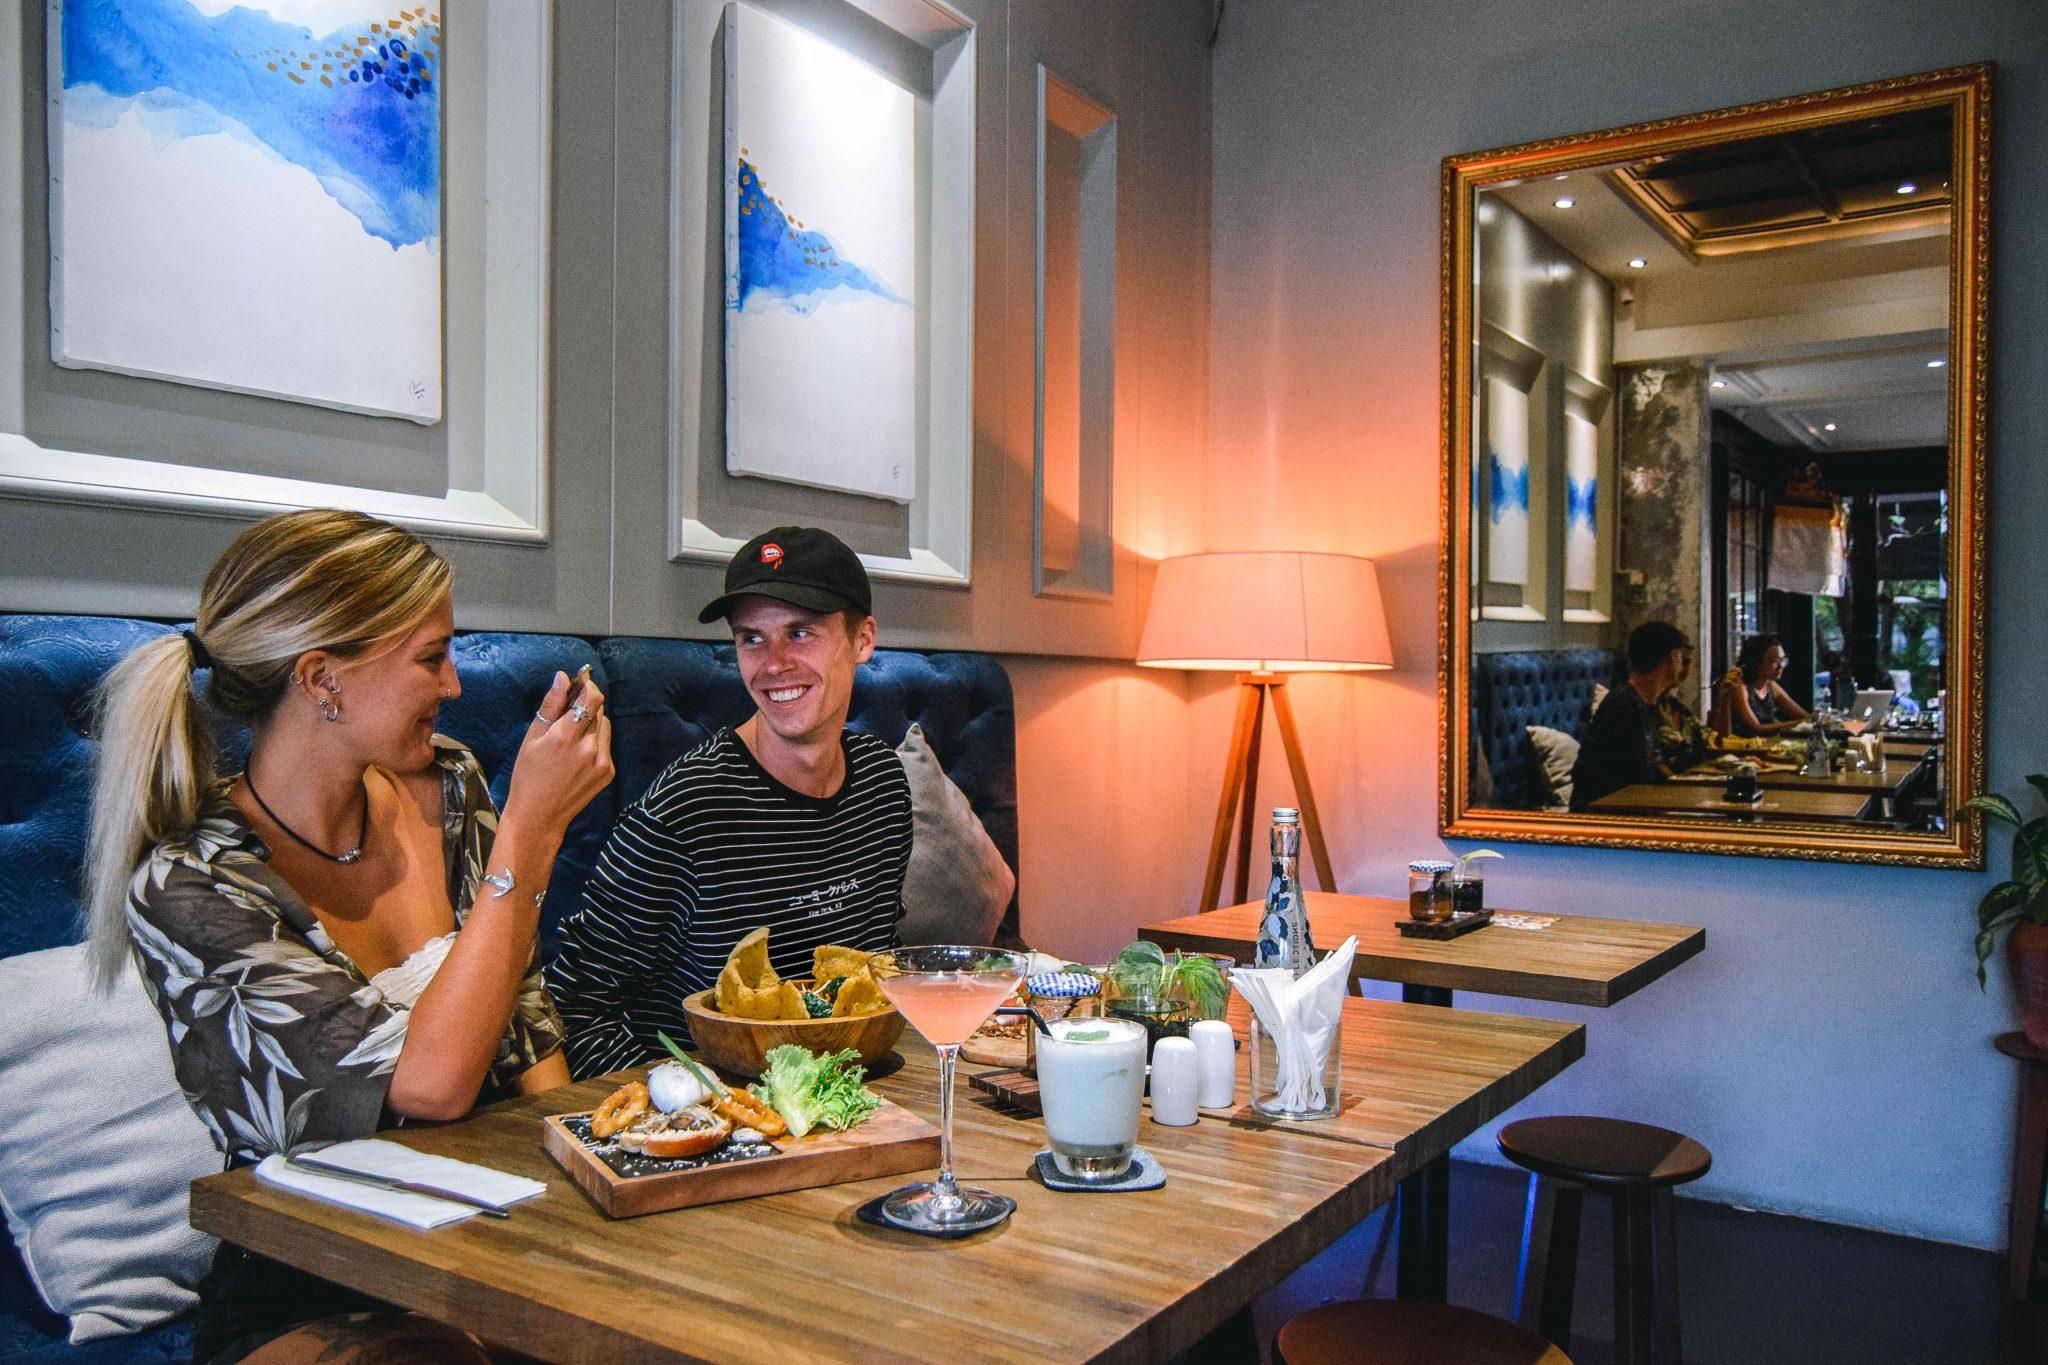 Wanderers & Warriors - Charlie & Lauren UK Travel Couple - Doncaster Eatery Restaurant Seminyak Bali - Best Restaurants In Bali Food - Best Restaurants In Seminyak